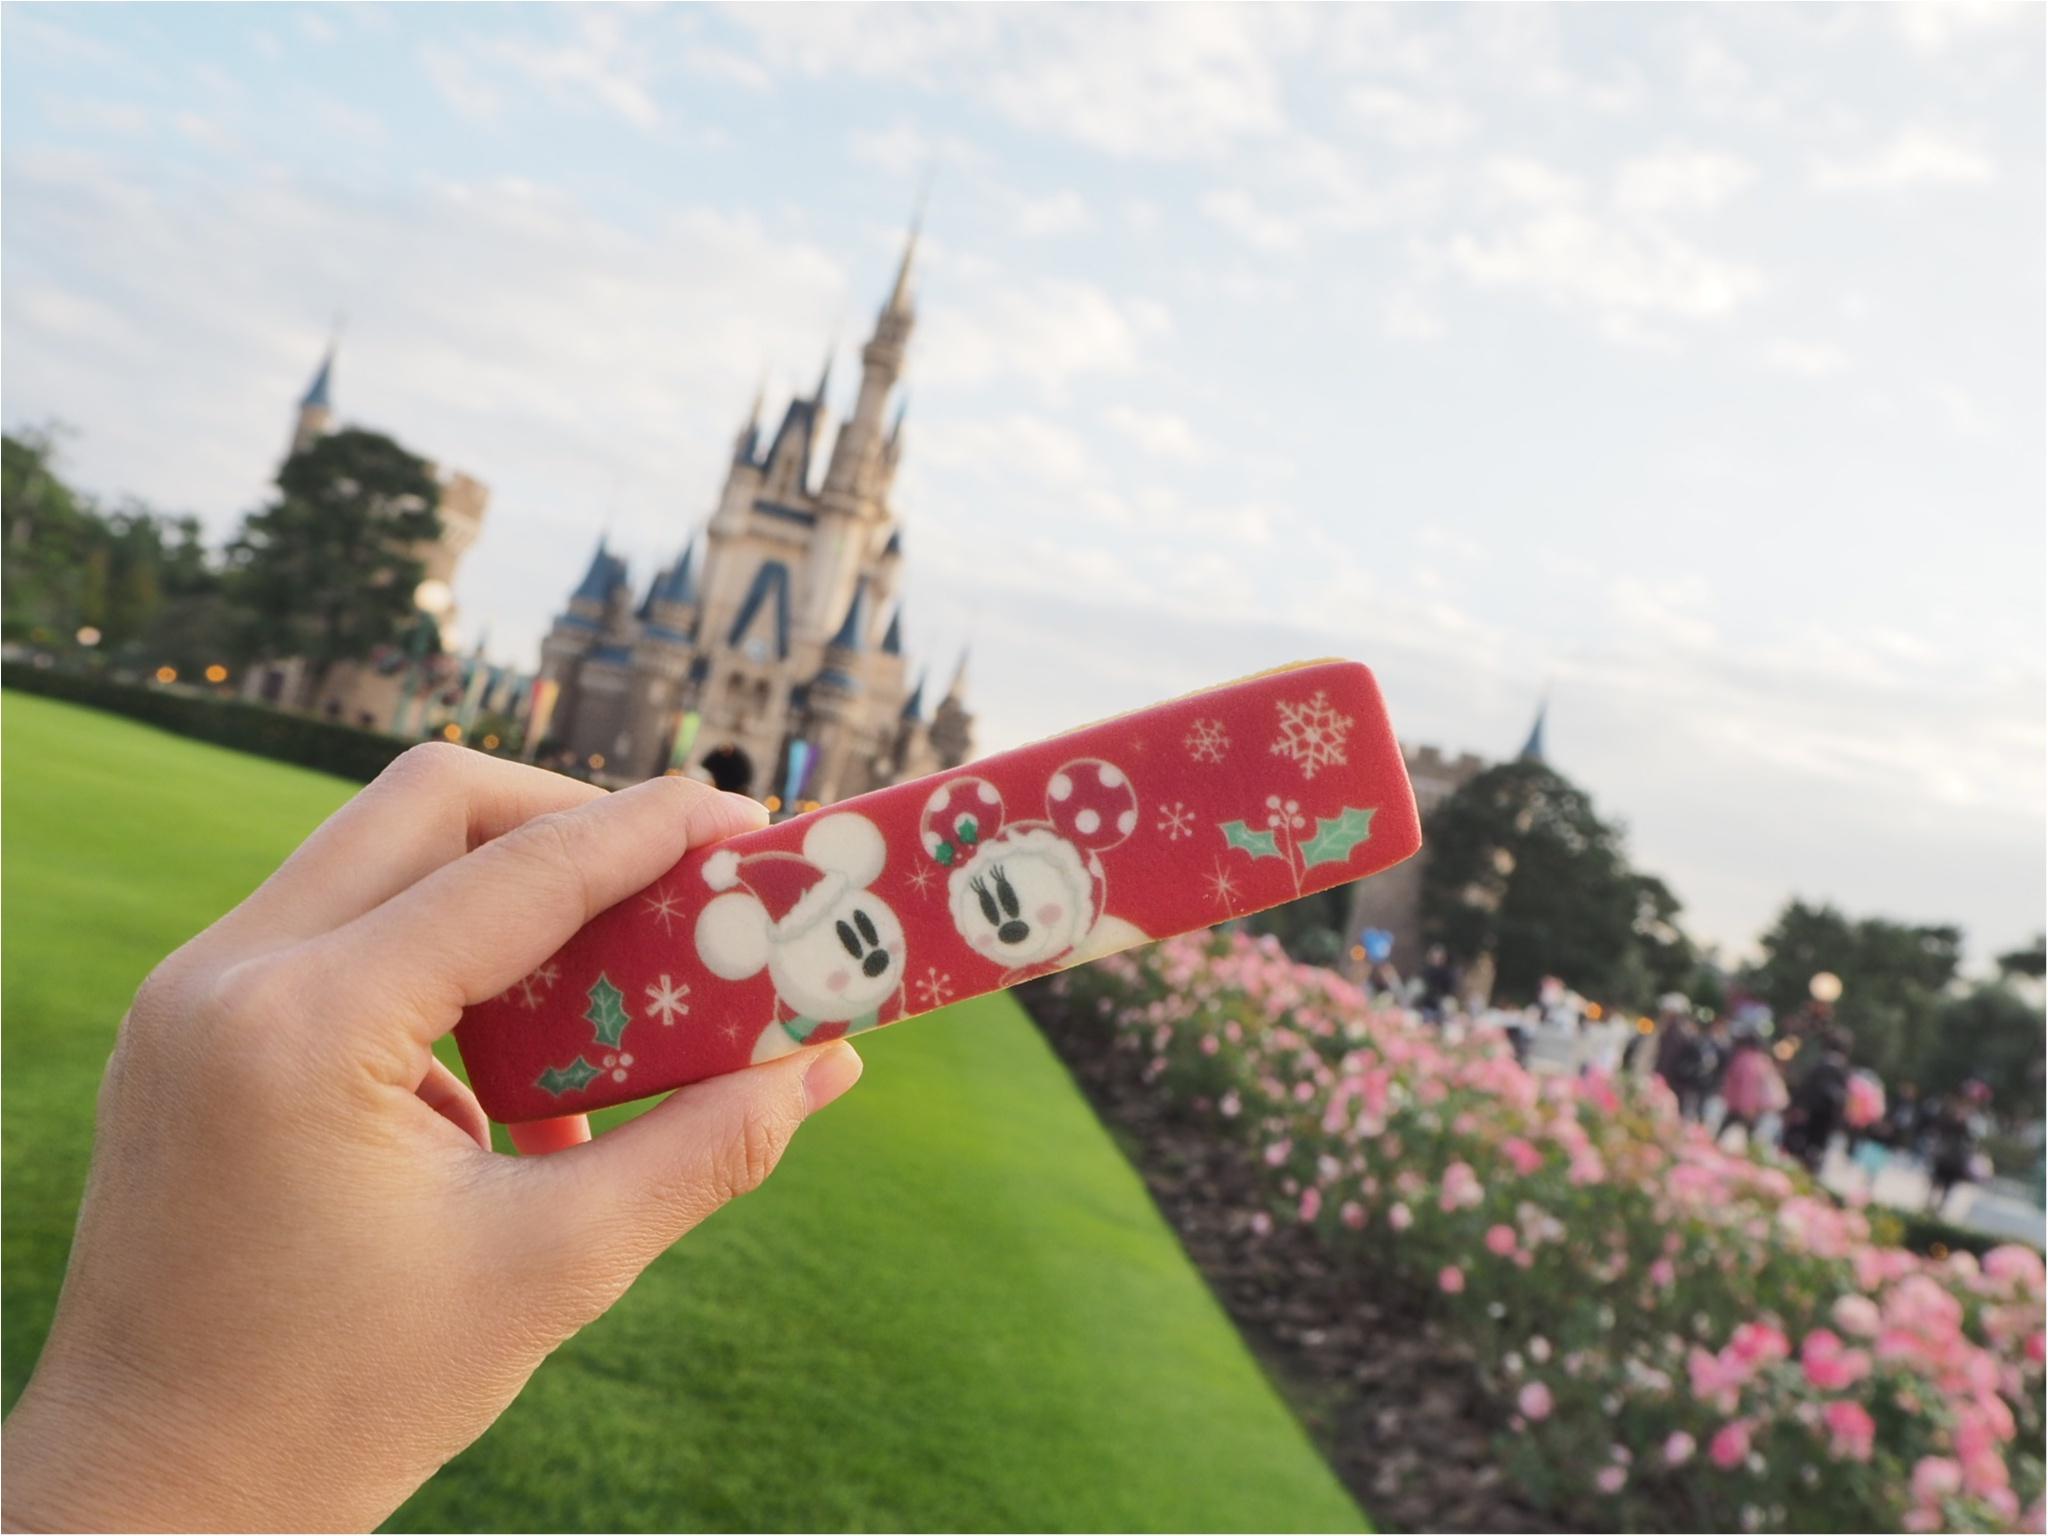 ディズニーランドクリスマスシーズン到来♪ー今の時期食べたいクリスマスグルメからお土産までー_9